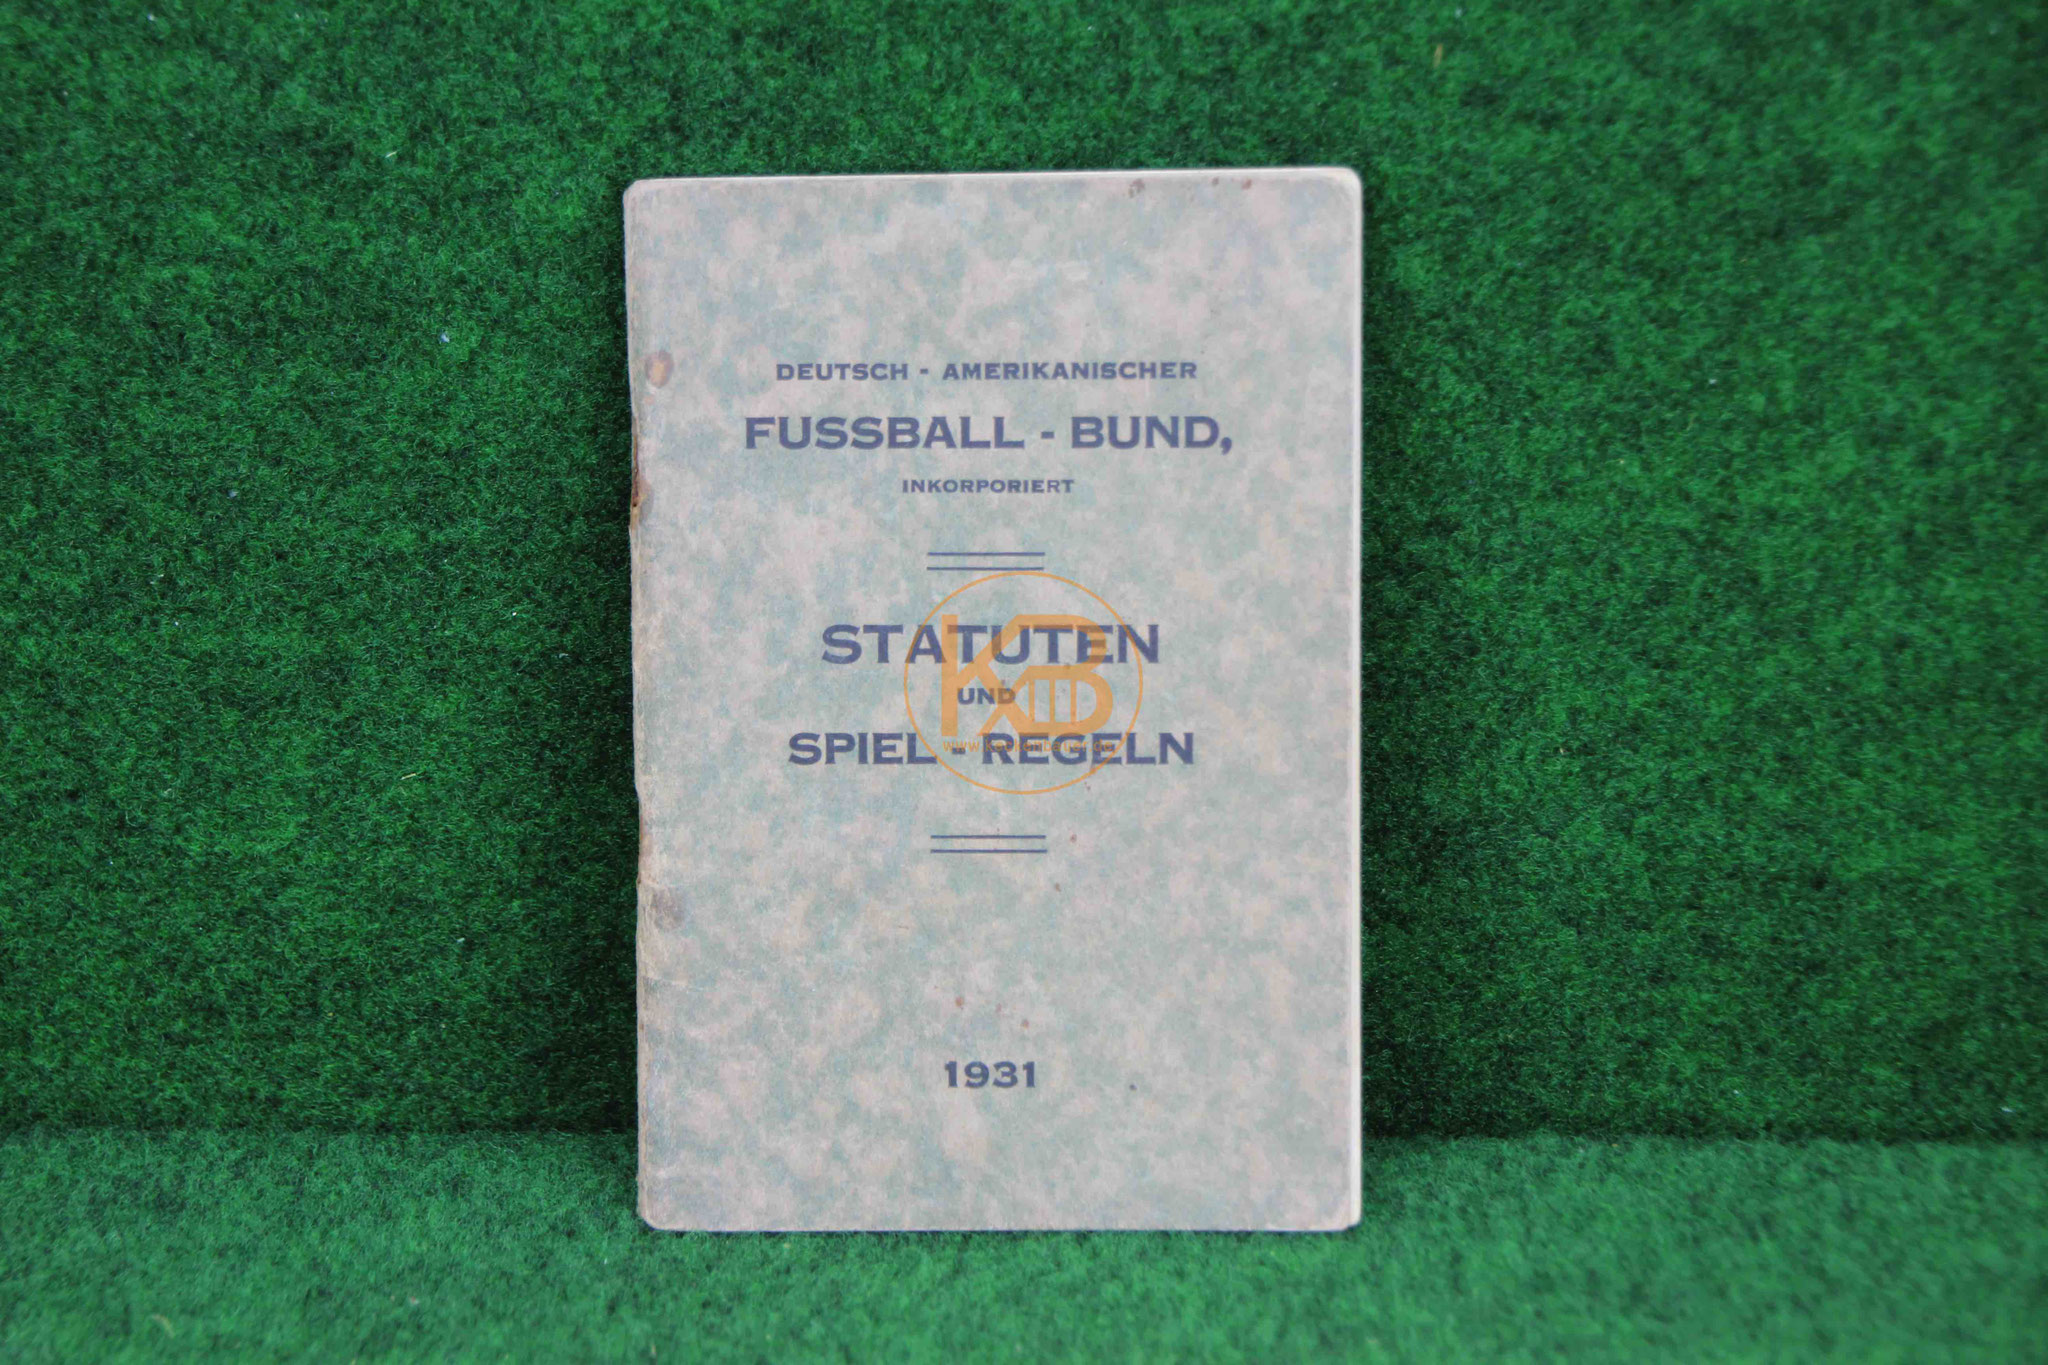 Statuten und  Spielregeln des Deutsch-Amerikanischen Fussball - Bund -Aus New York im Jahre 1931